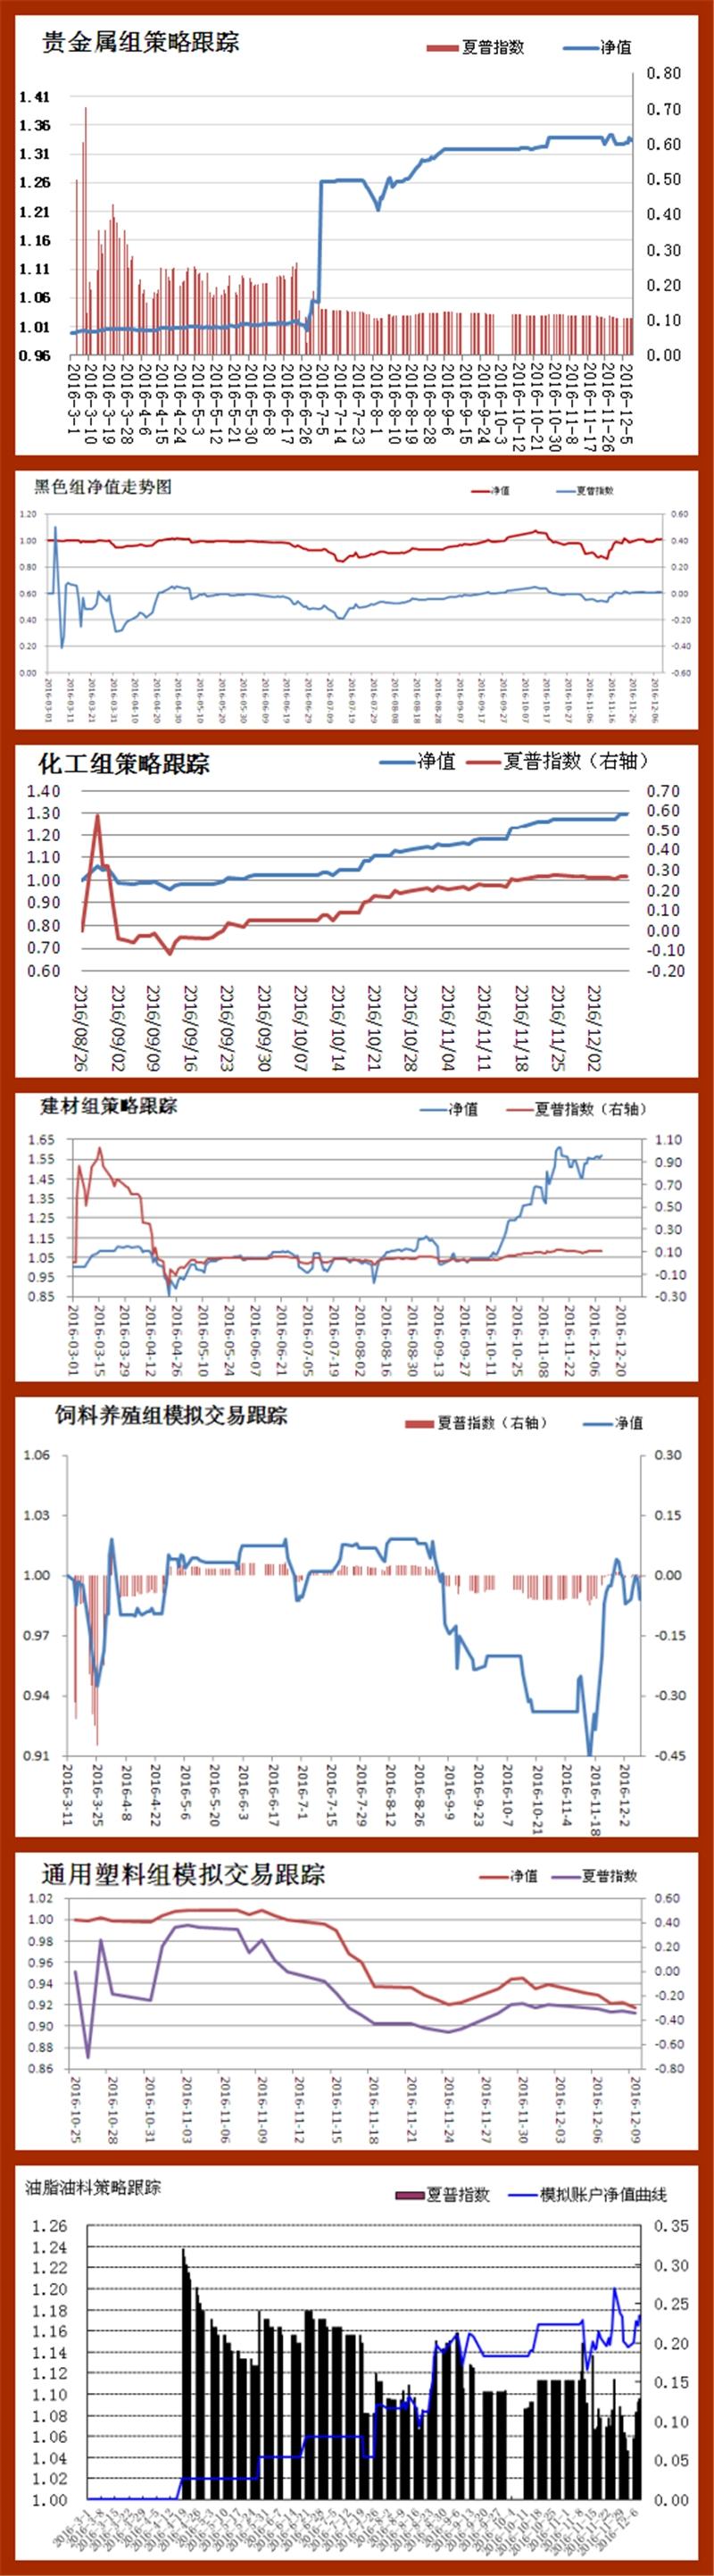 招金期货研究员模拟交易策略汇总(2016.12.09)